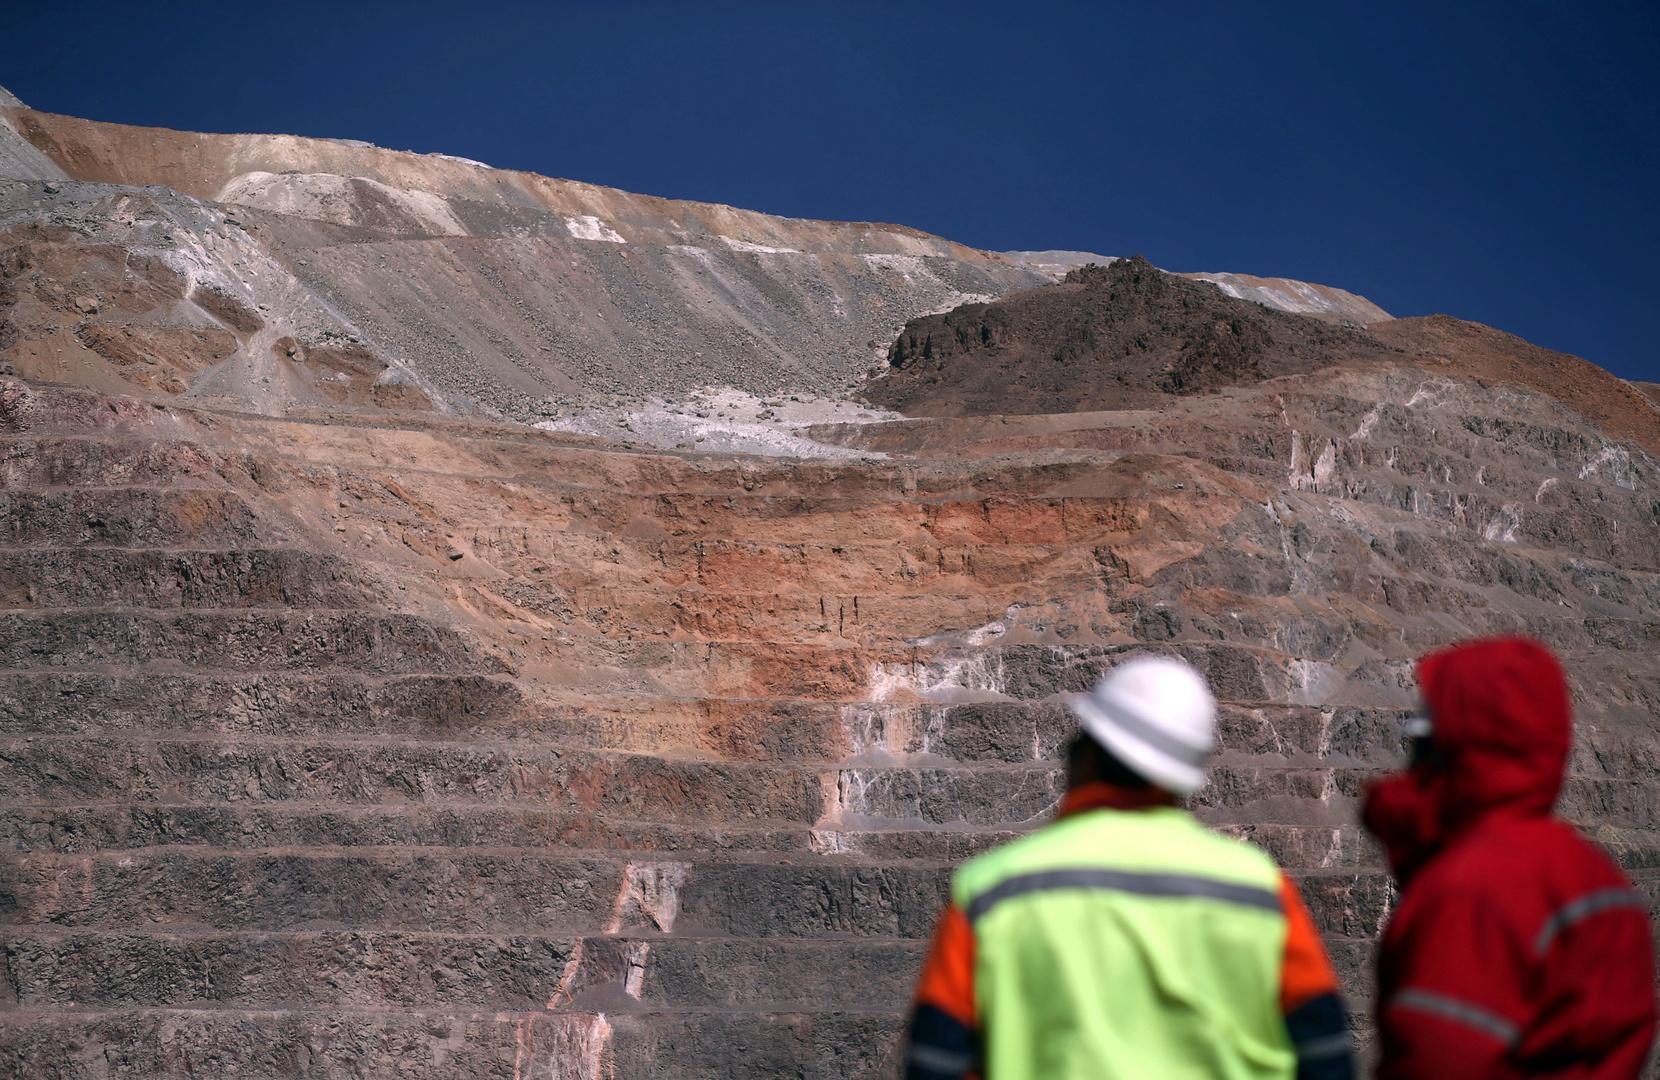 مصر تستعد للإعلان لأول مرة عن اكتشاف منجم ذهب ضخم في